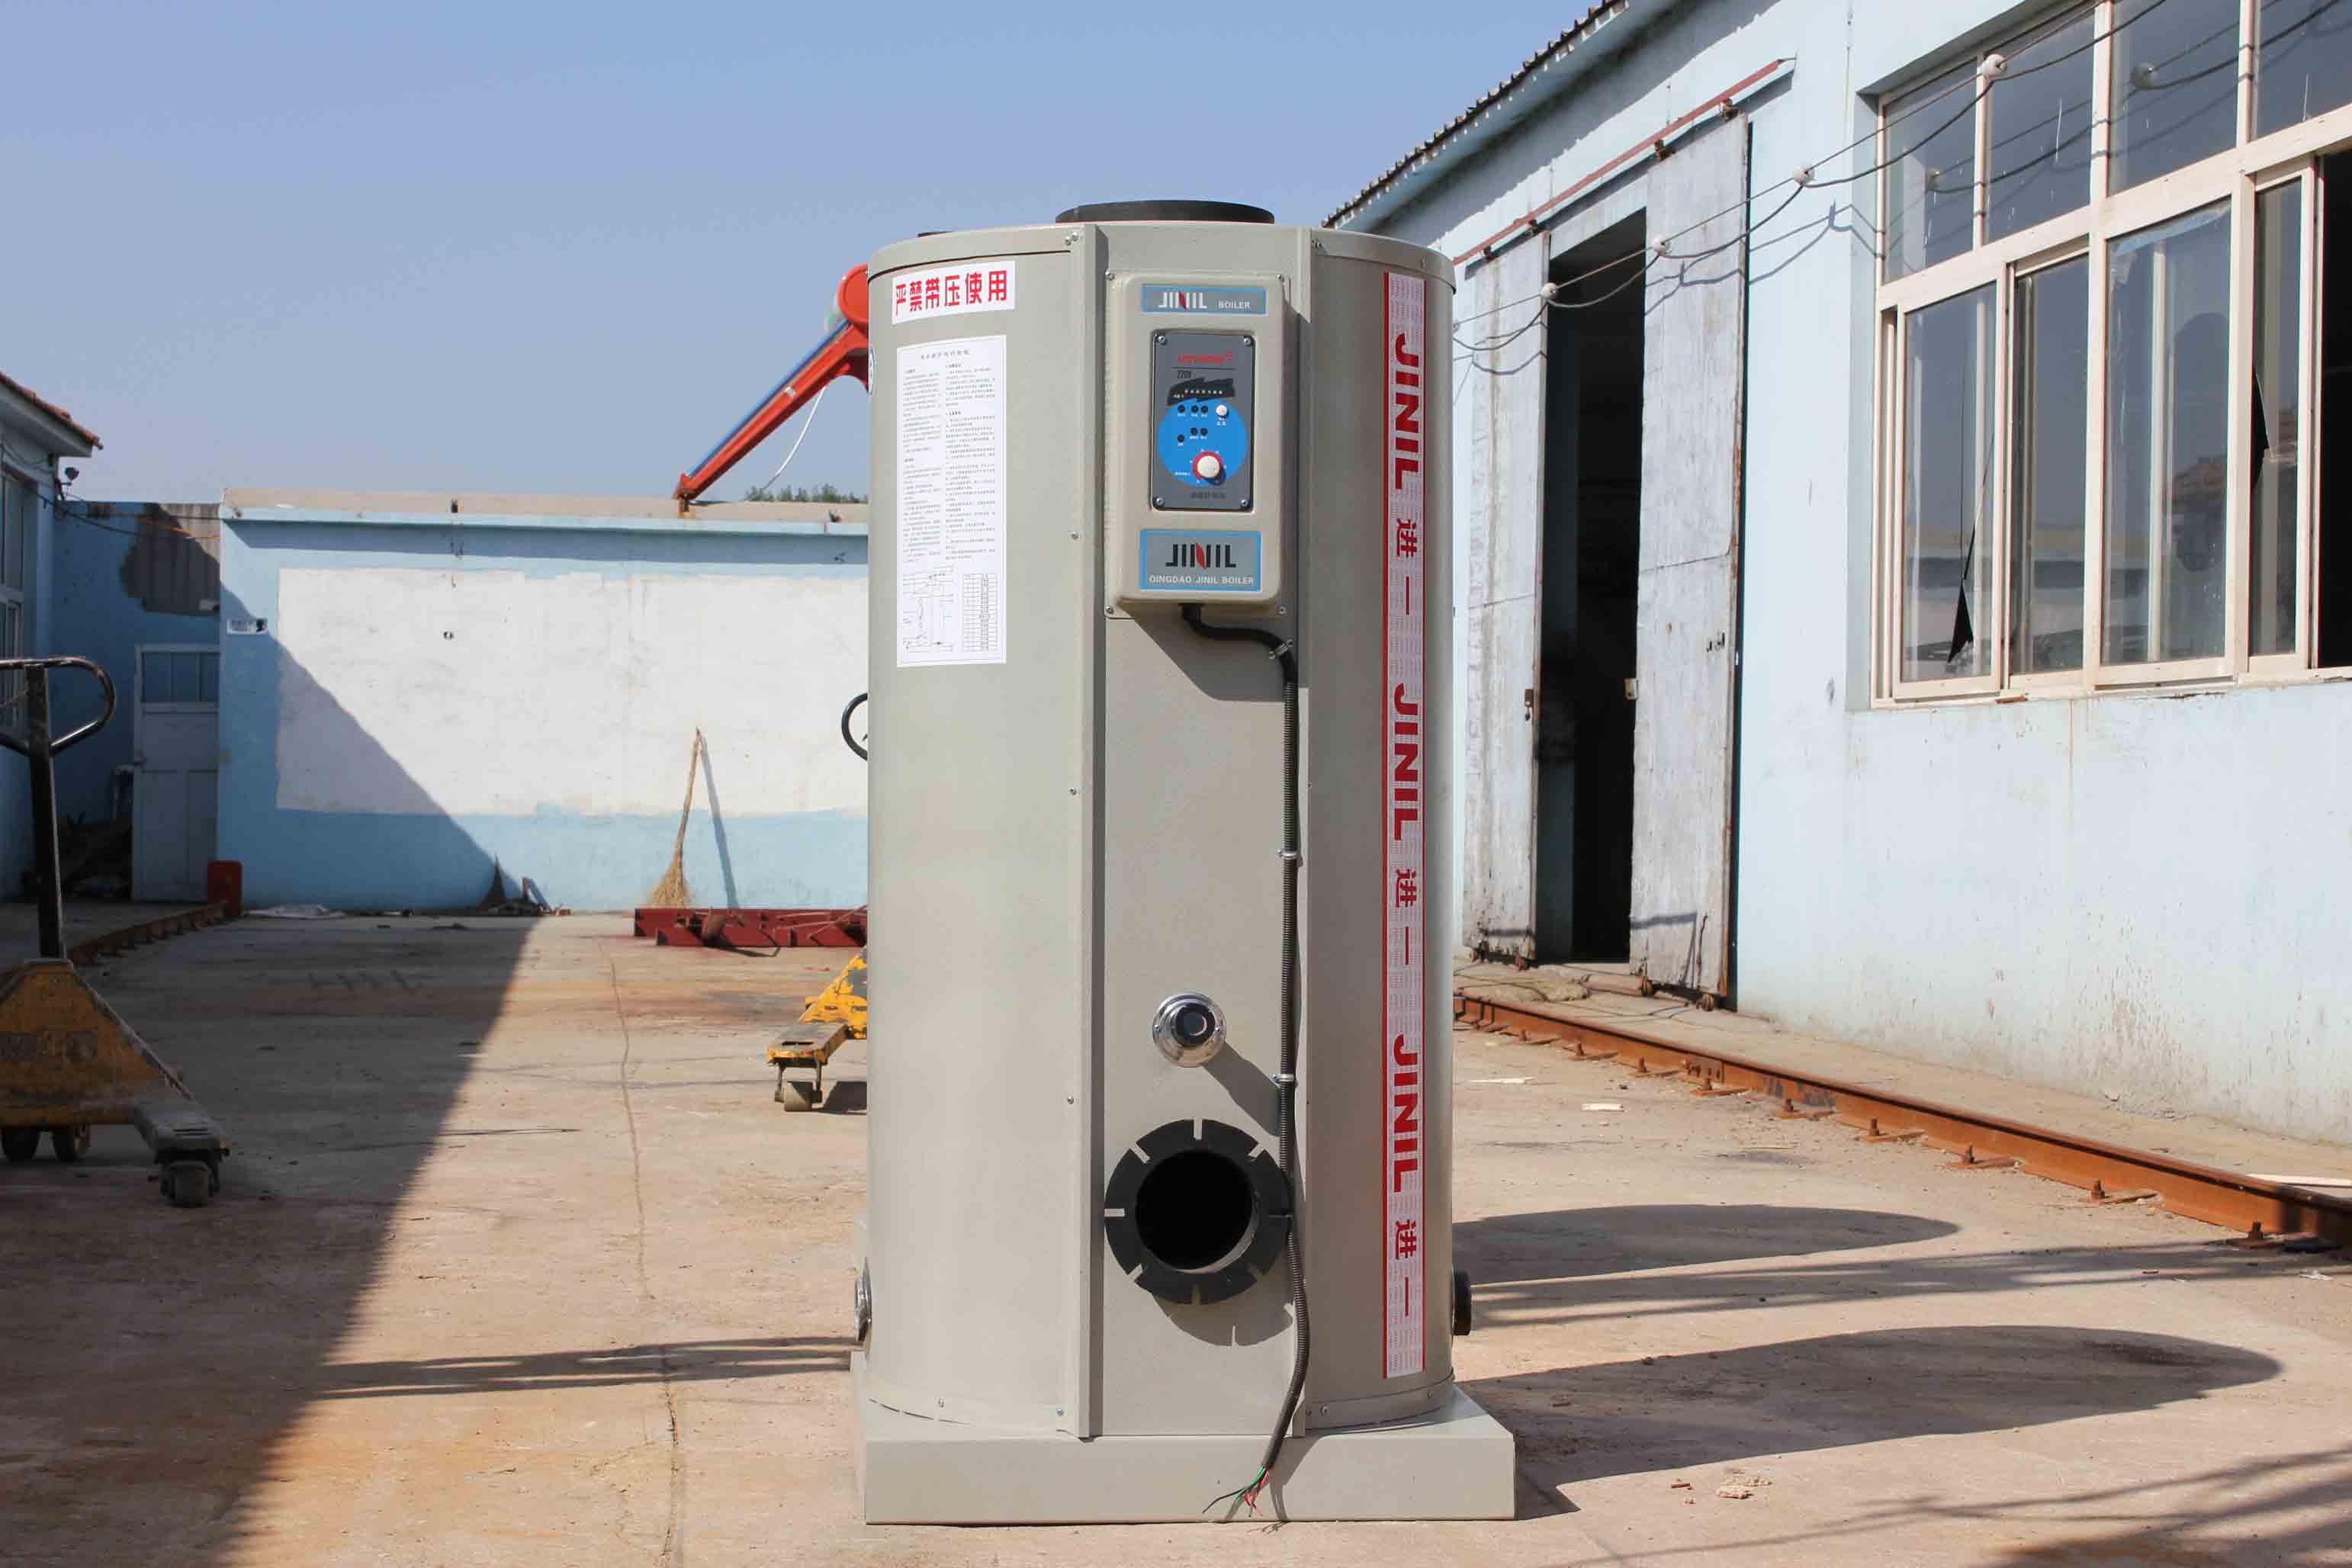 燃气锅炉尺寸_耐用的卧式燃气热水锅炉在哪可以买到